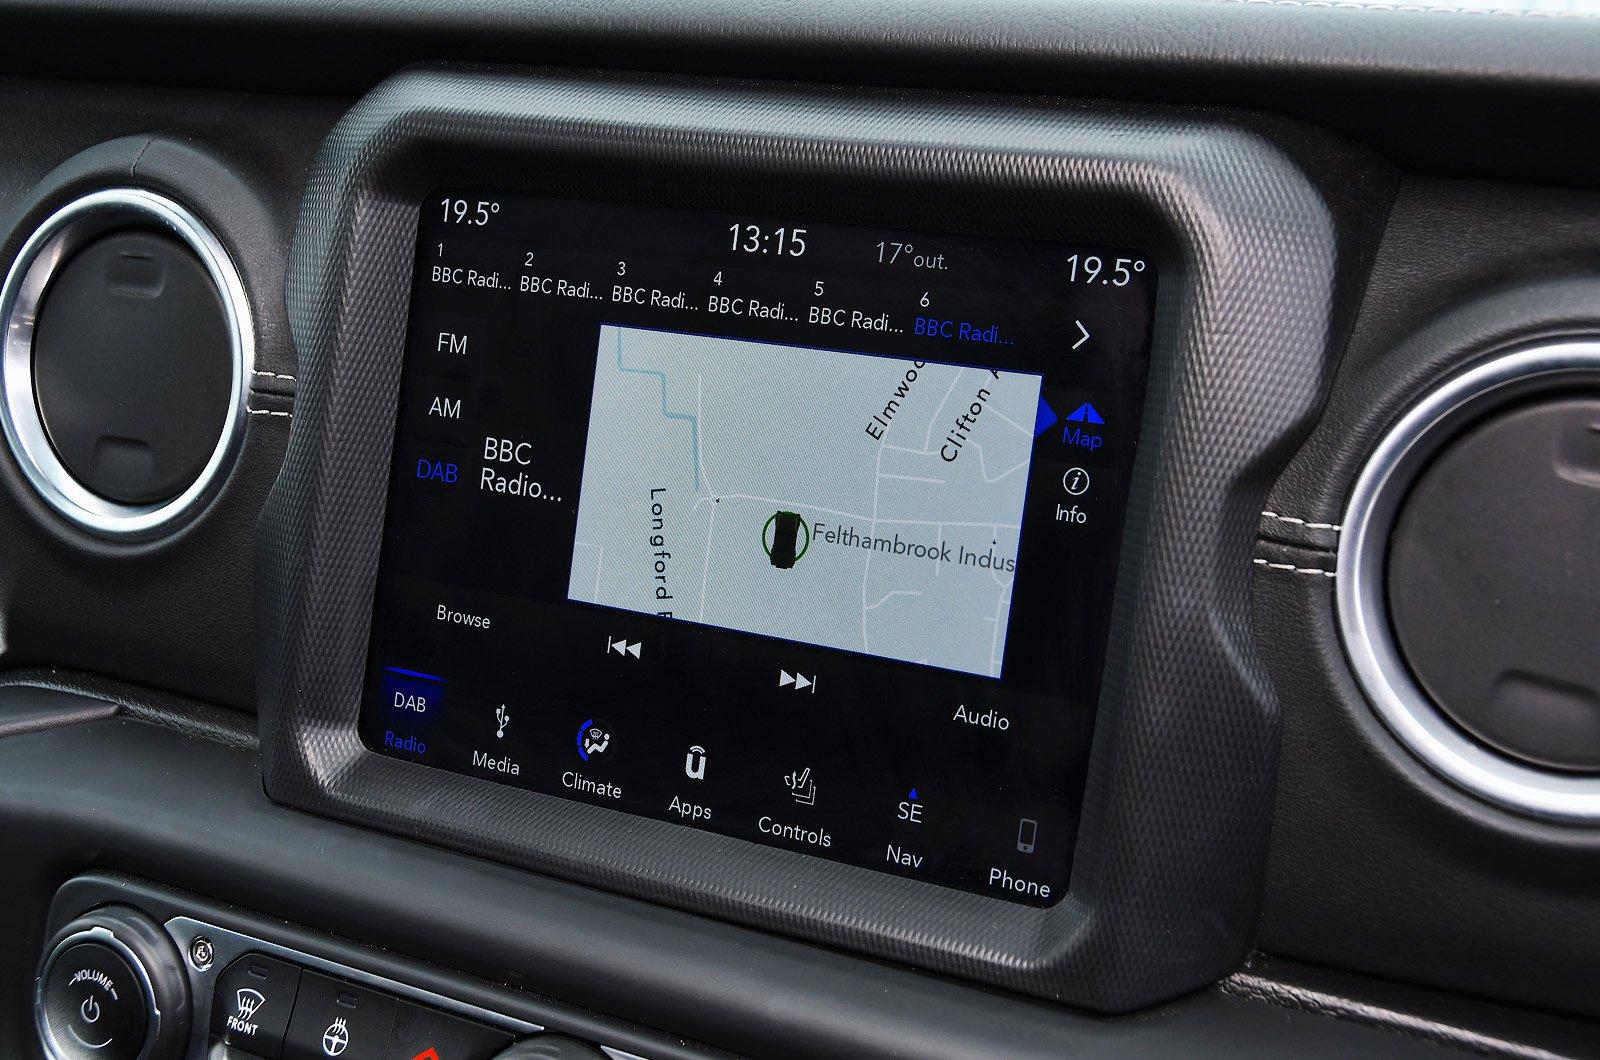 Jeep Wrangler touchscreen